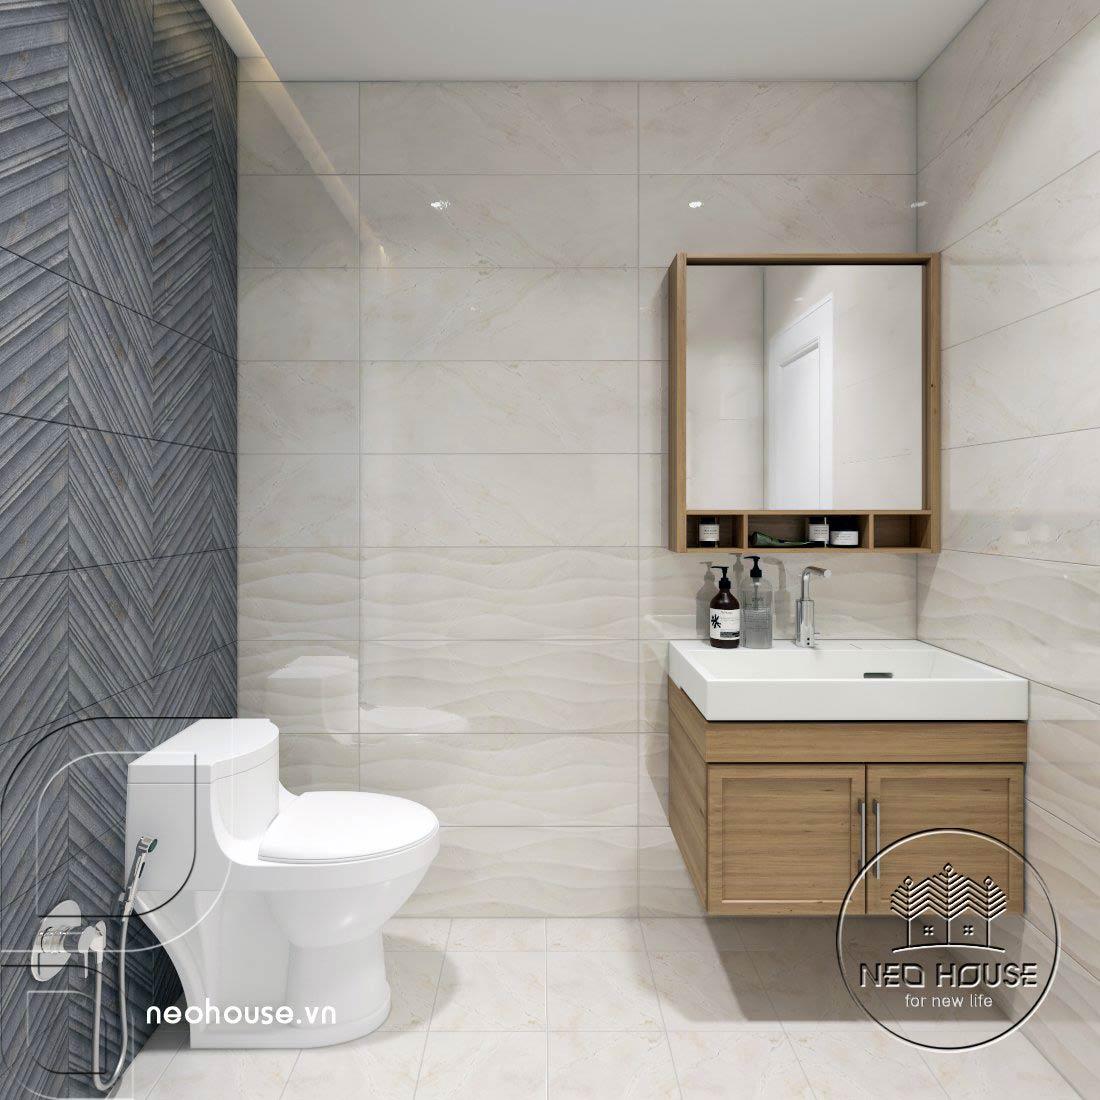 Thiết kế thi công cải tạo nhà phố 3 tầng với không gian nội thất phòng ngủ Master 02. Ảnh 2